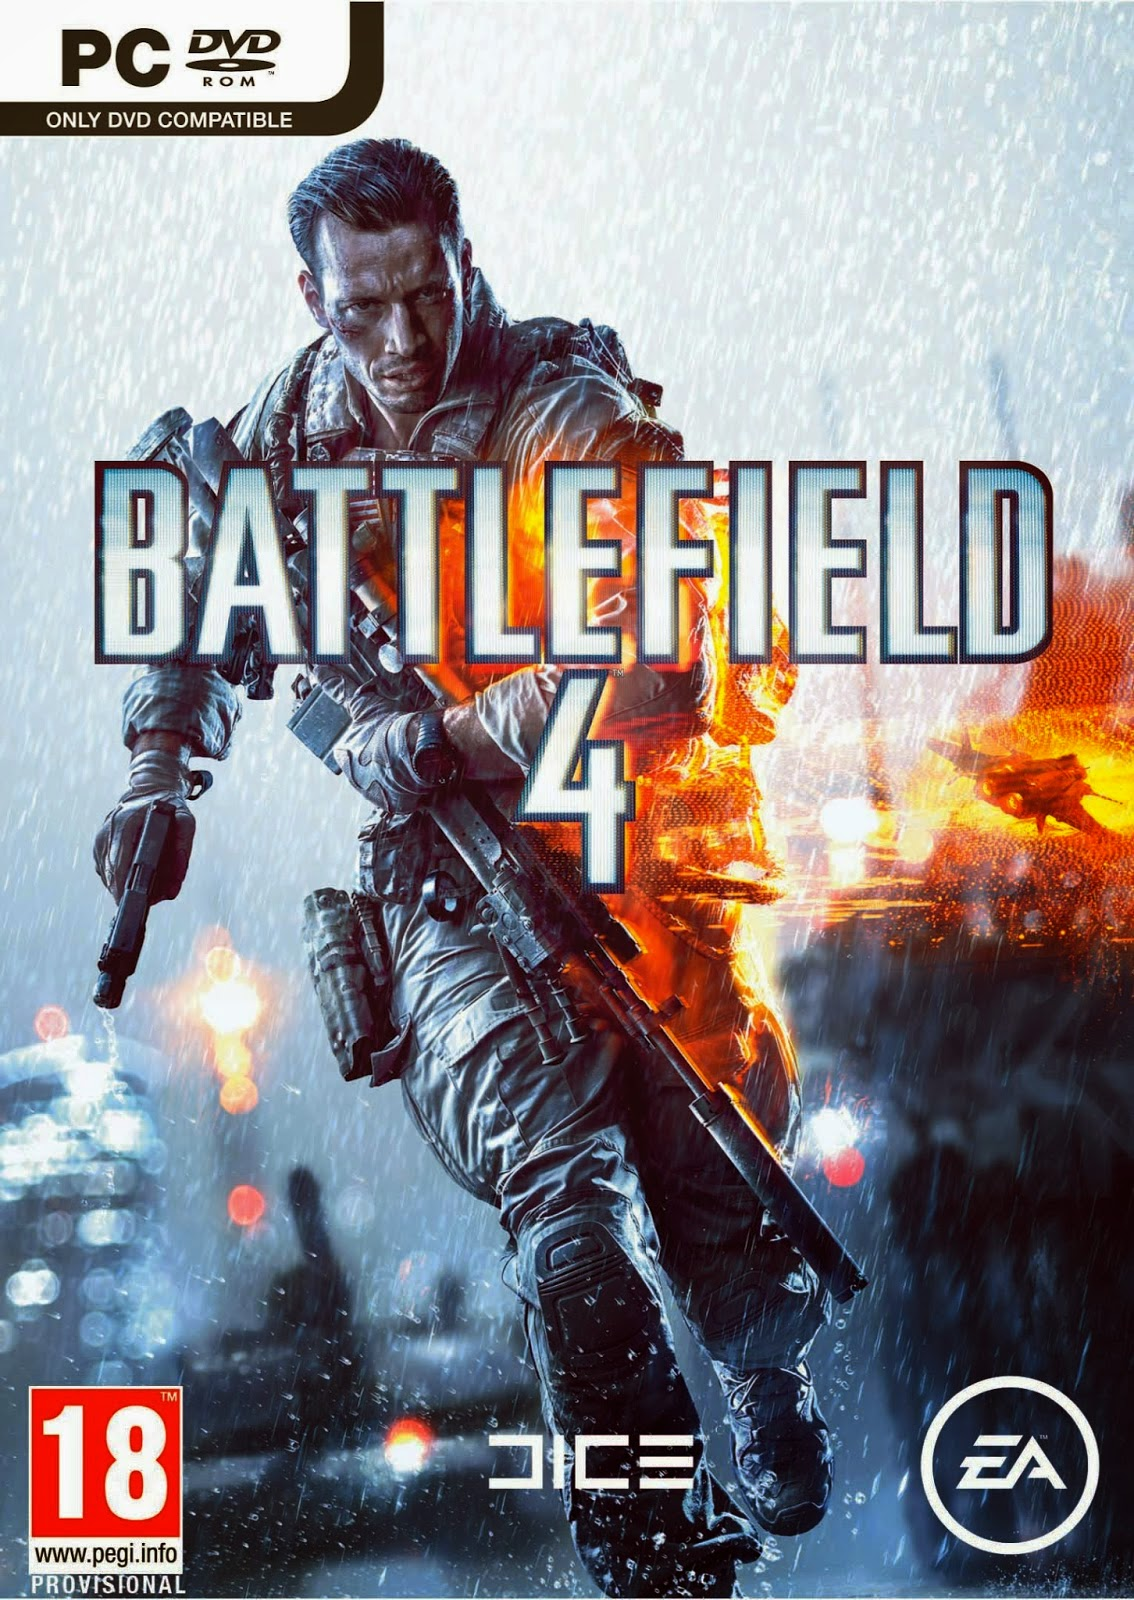 Battlefield 4 Torrent